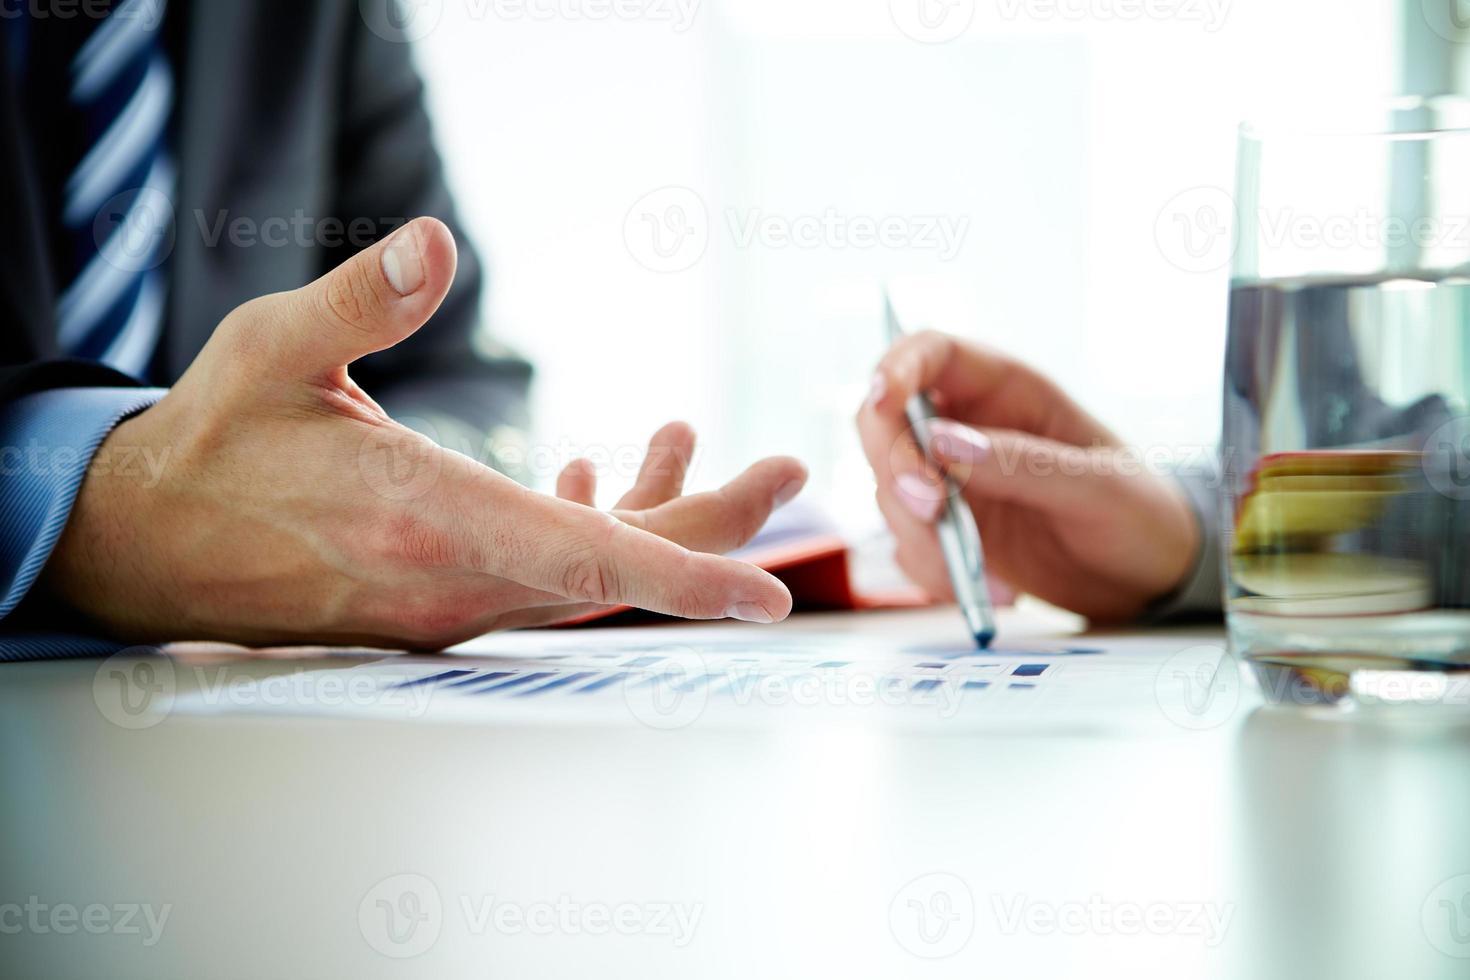 Papier diskutieren foto